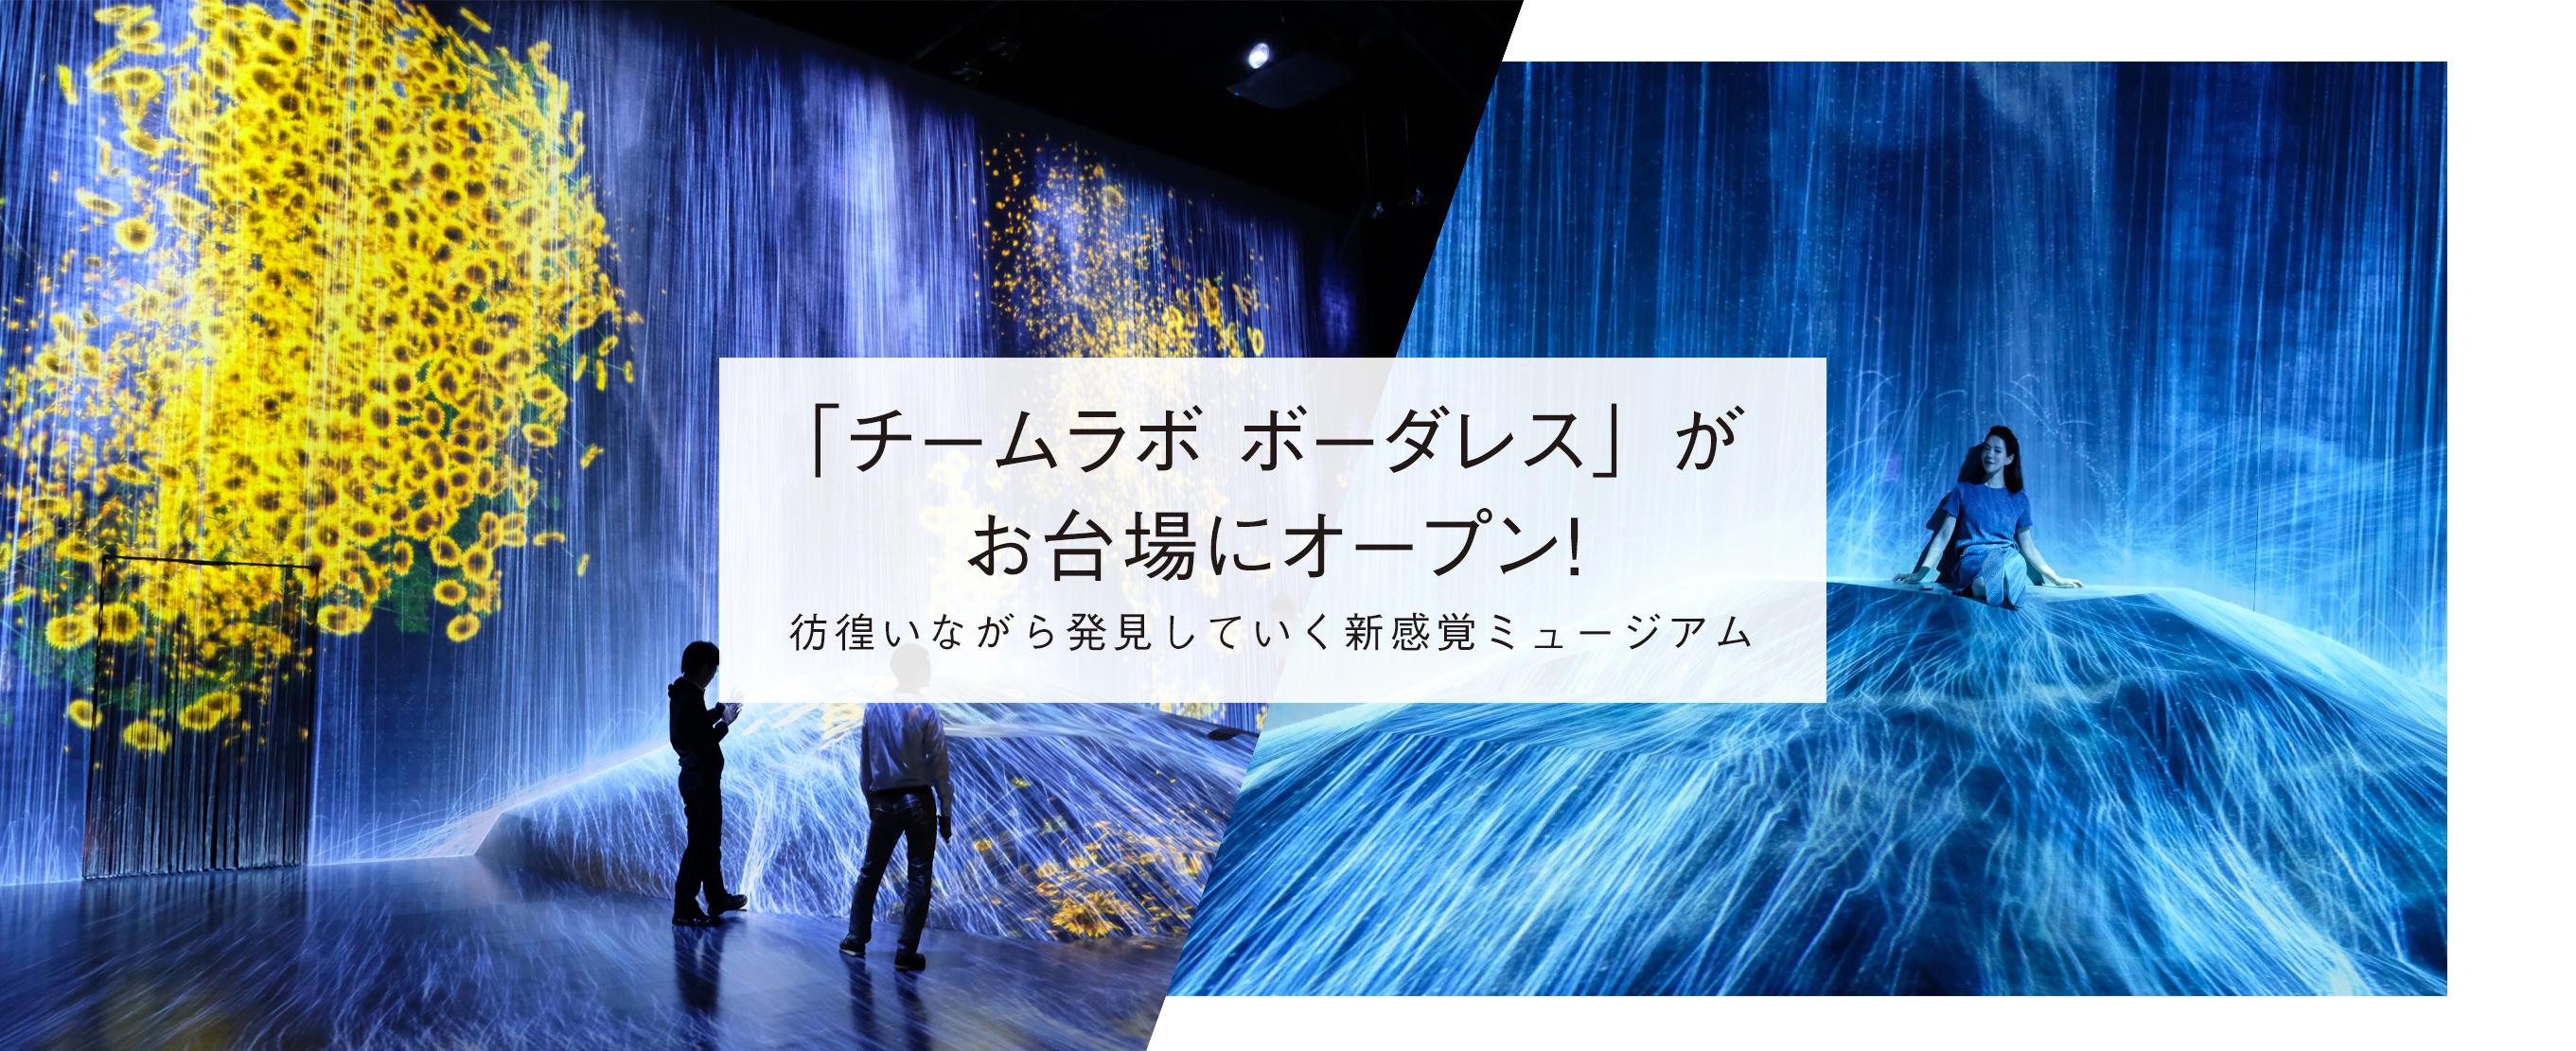 彷徨いながら発見していく新感覚ミュージアム「チームラボ ボーダレス」がお台場にオープン!